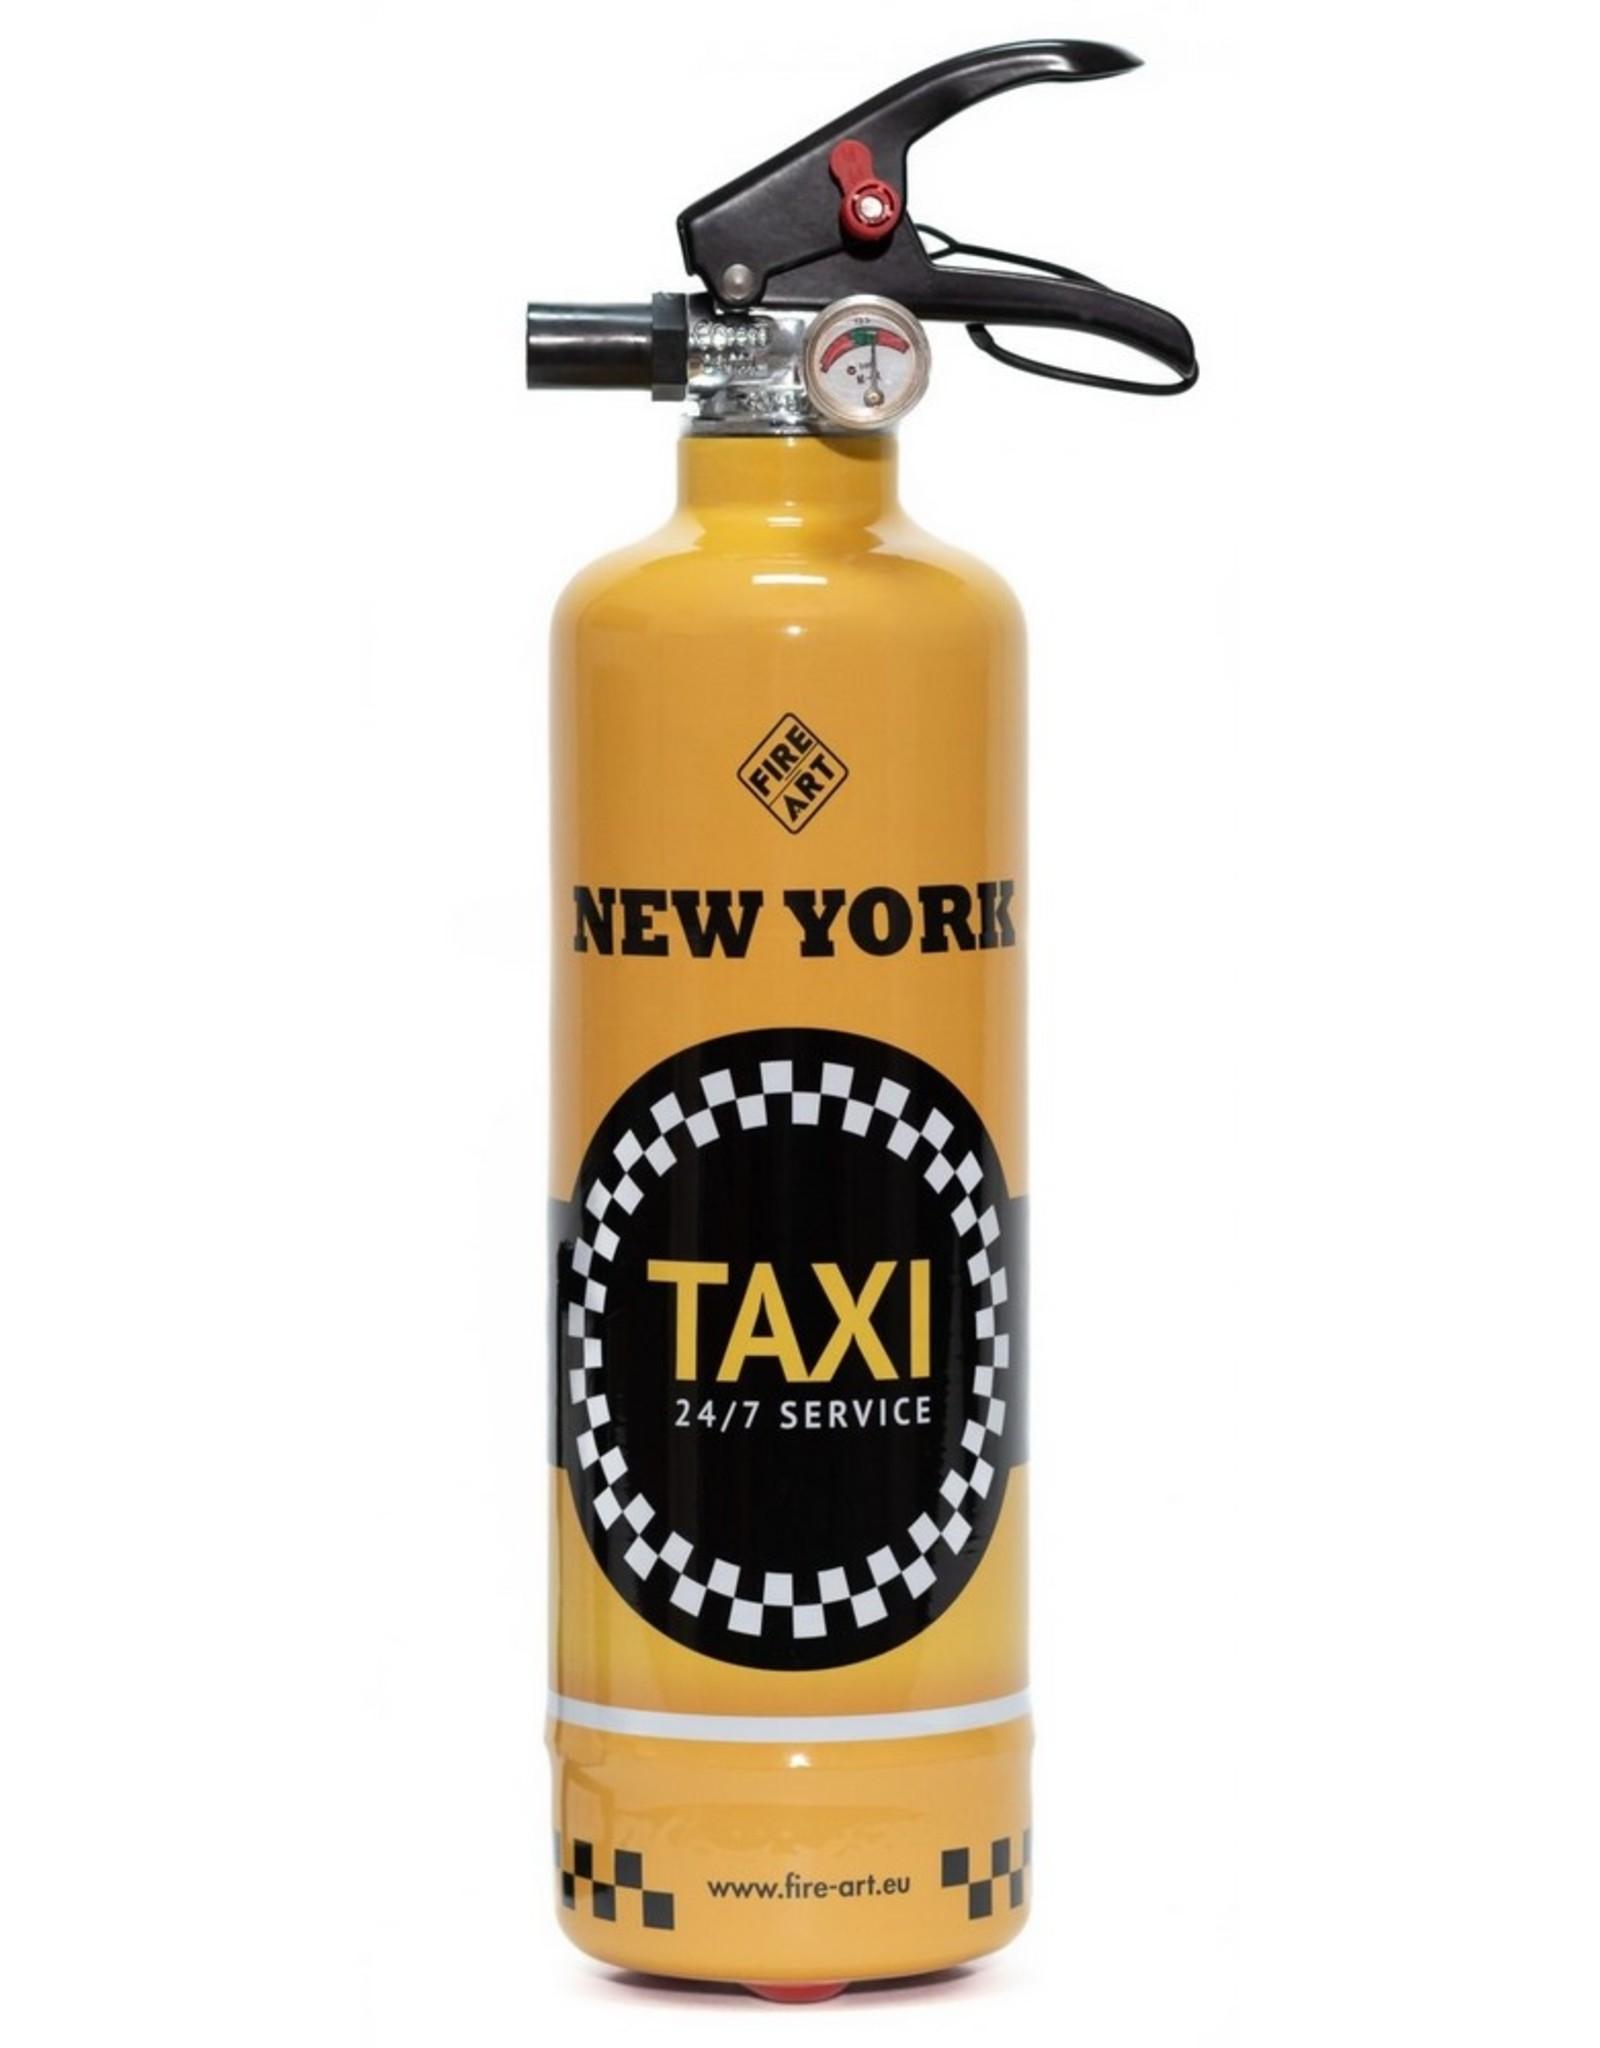 Fire Art Brandblusser Taxi